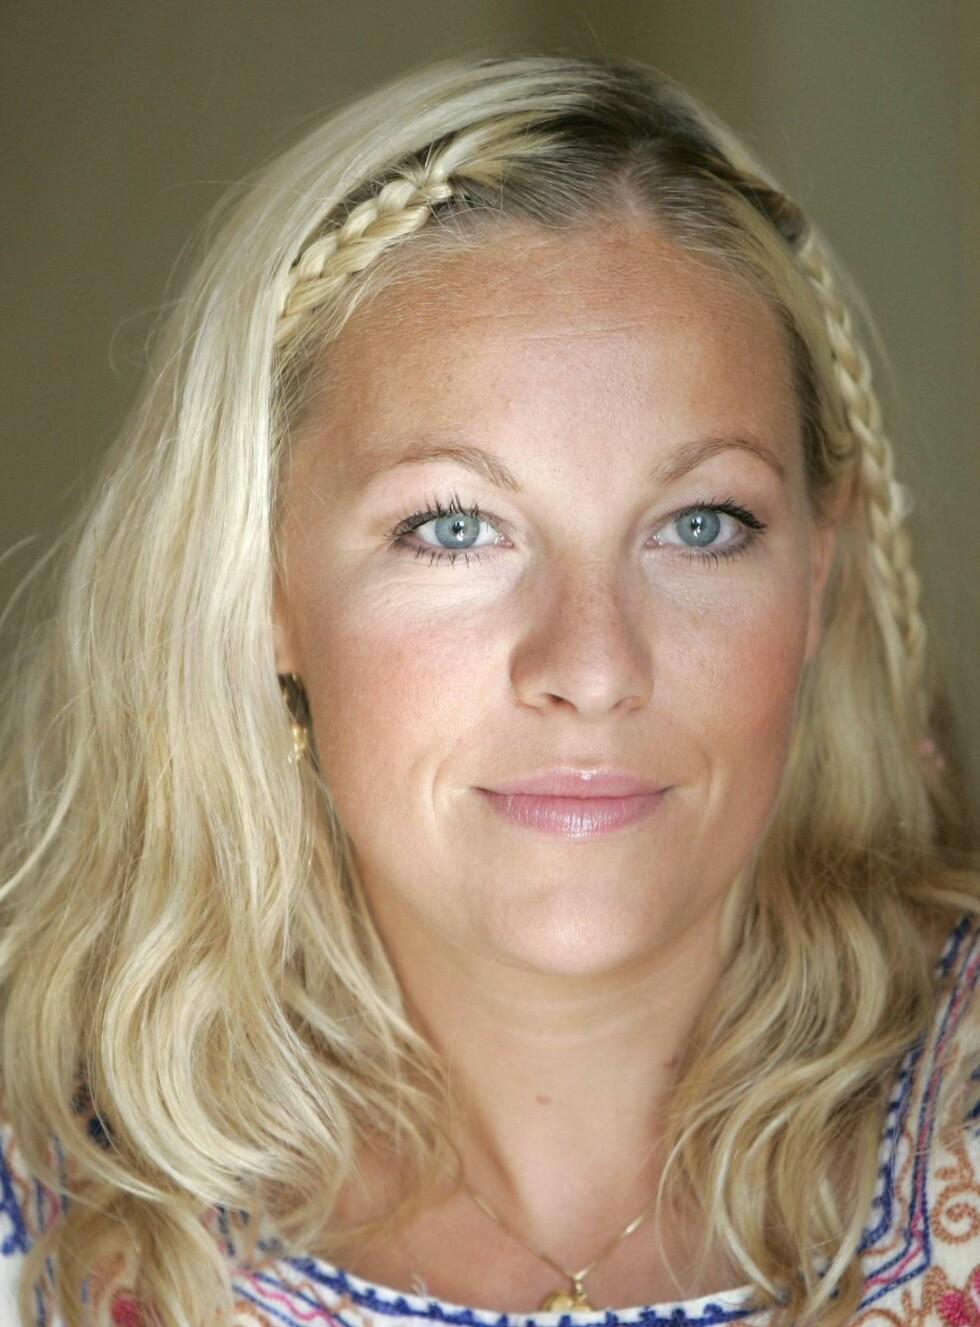 SINGEL: Janne Formoe har tatt med seg datteren Felicia og flyttet inn hos bestevenninnen Pia Tjelta. Foto: Scanpix